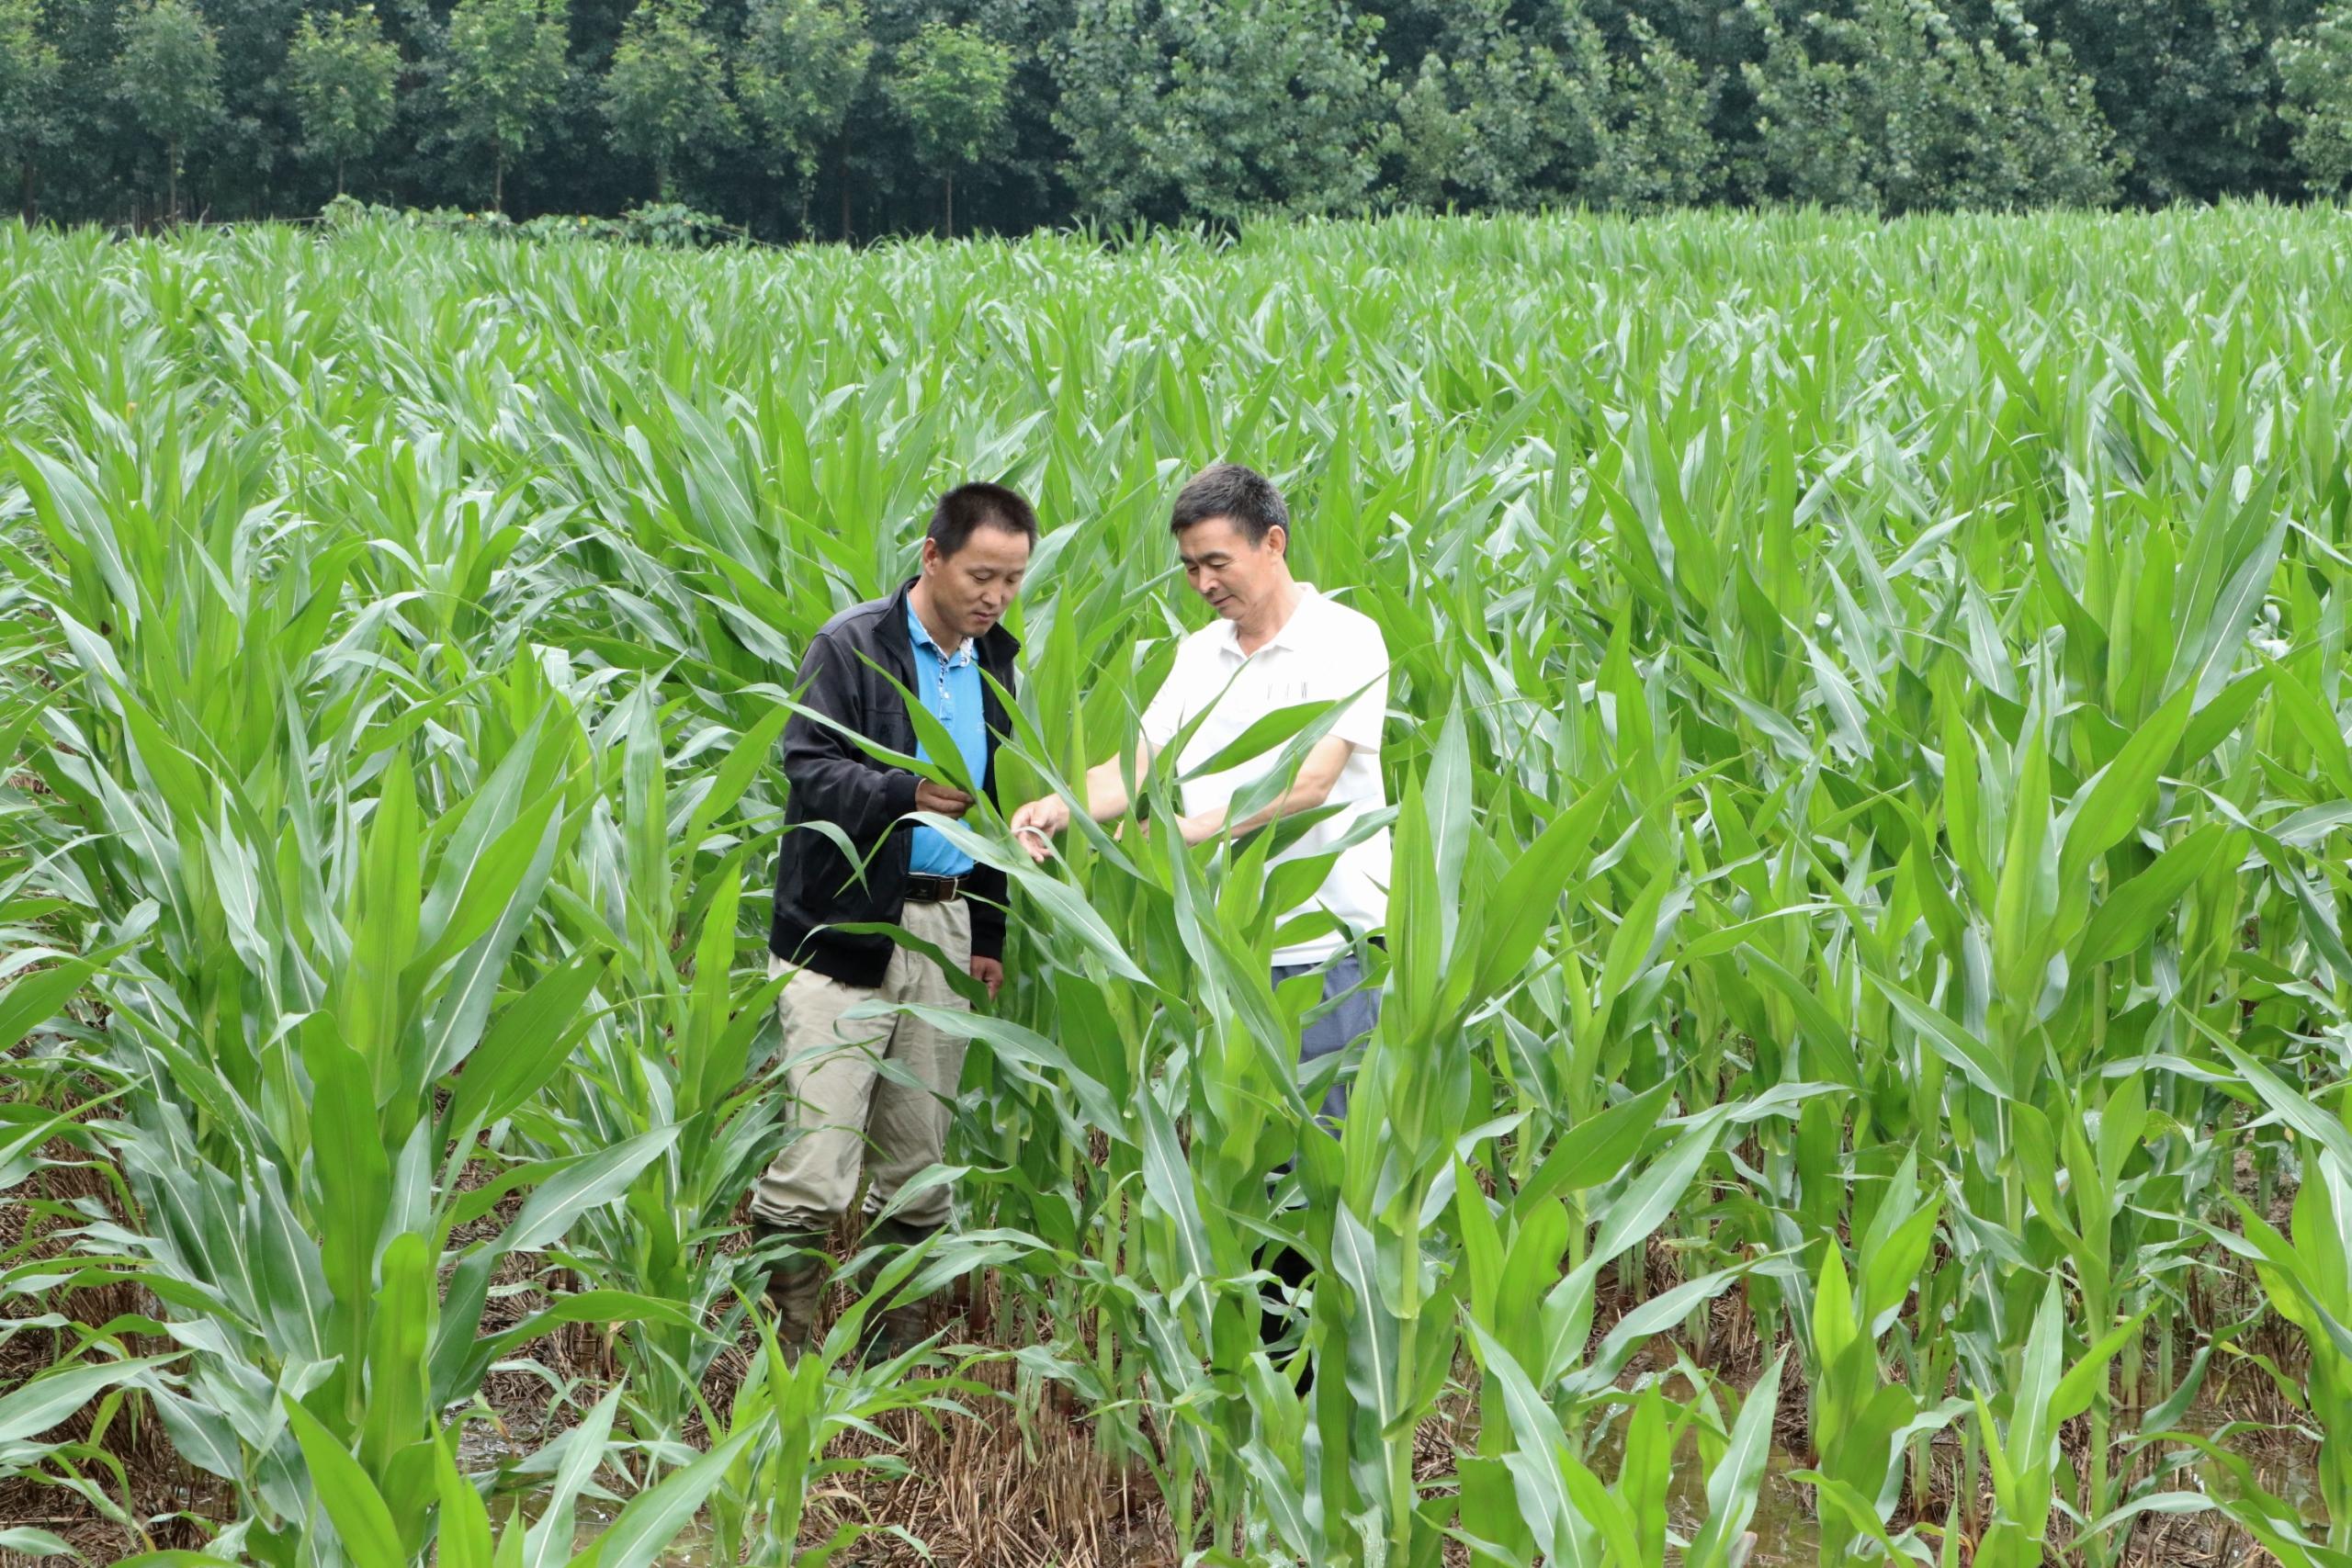 台风过后,皂户李镇农技人员到田间指导农业生产